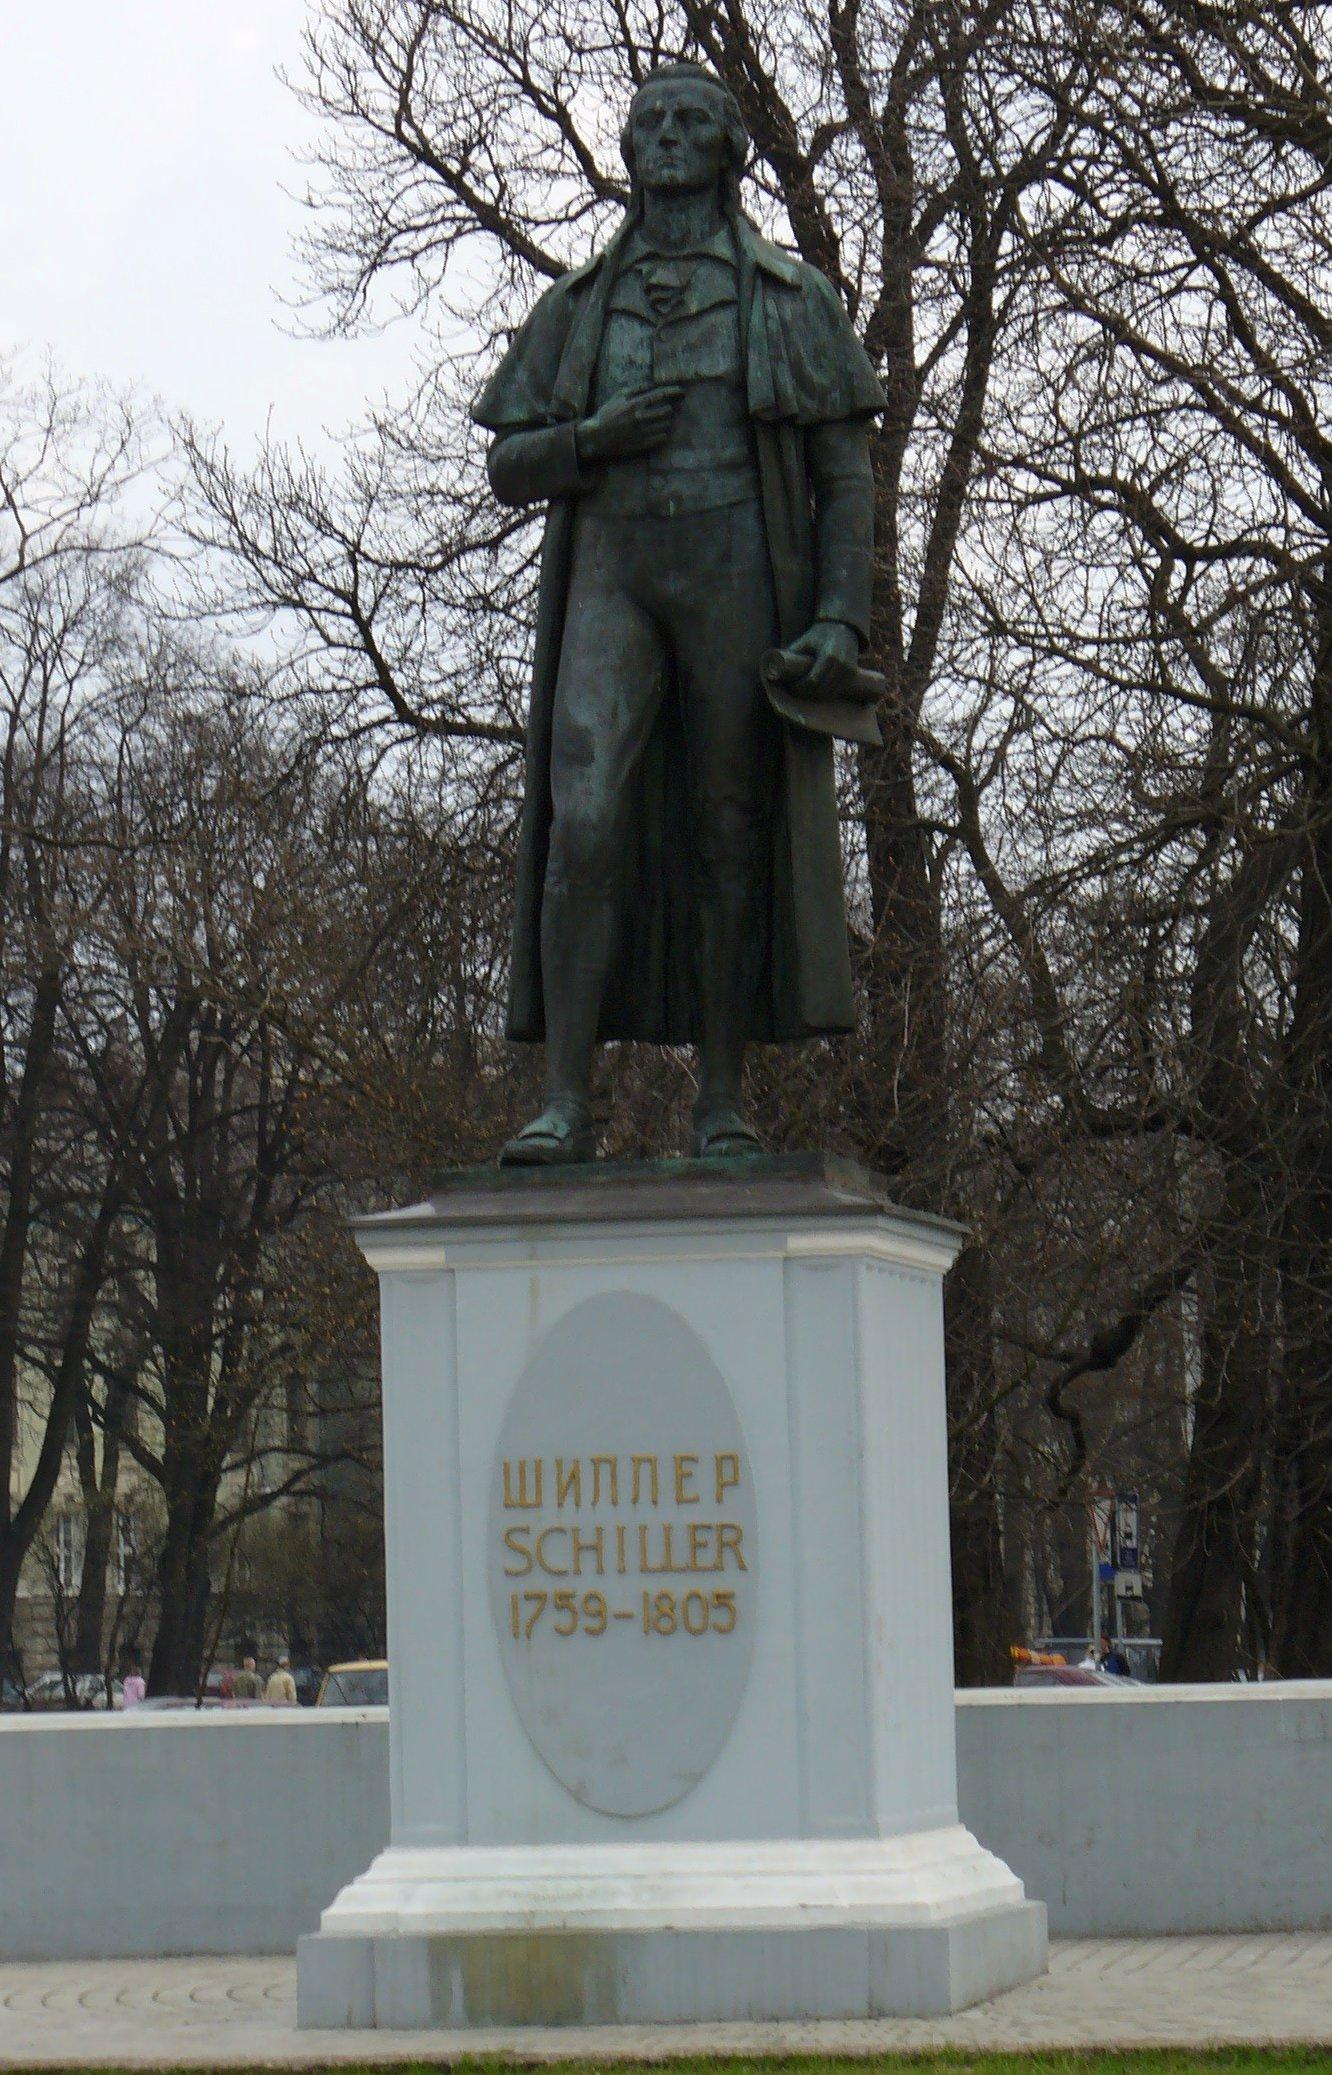 Schiller-Standbild in Kaliningrad